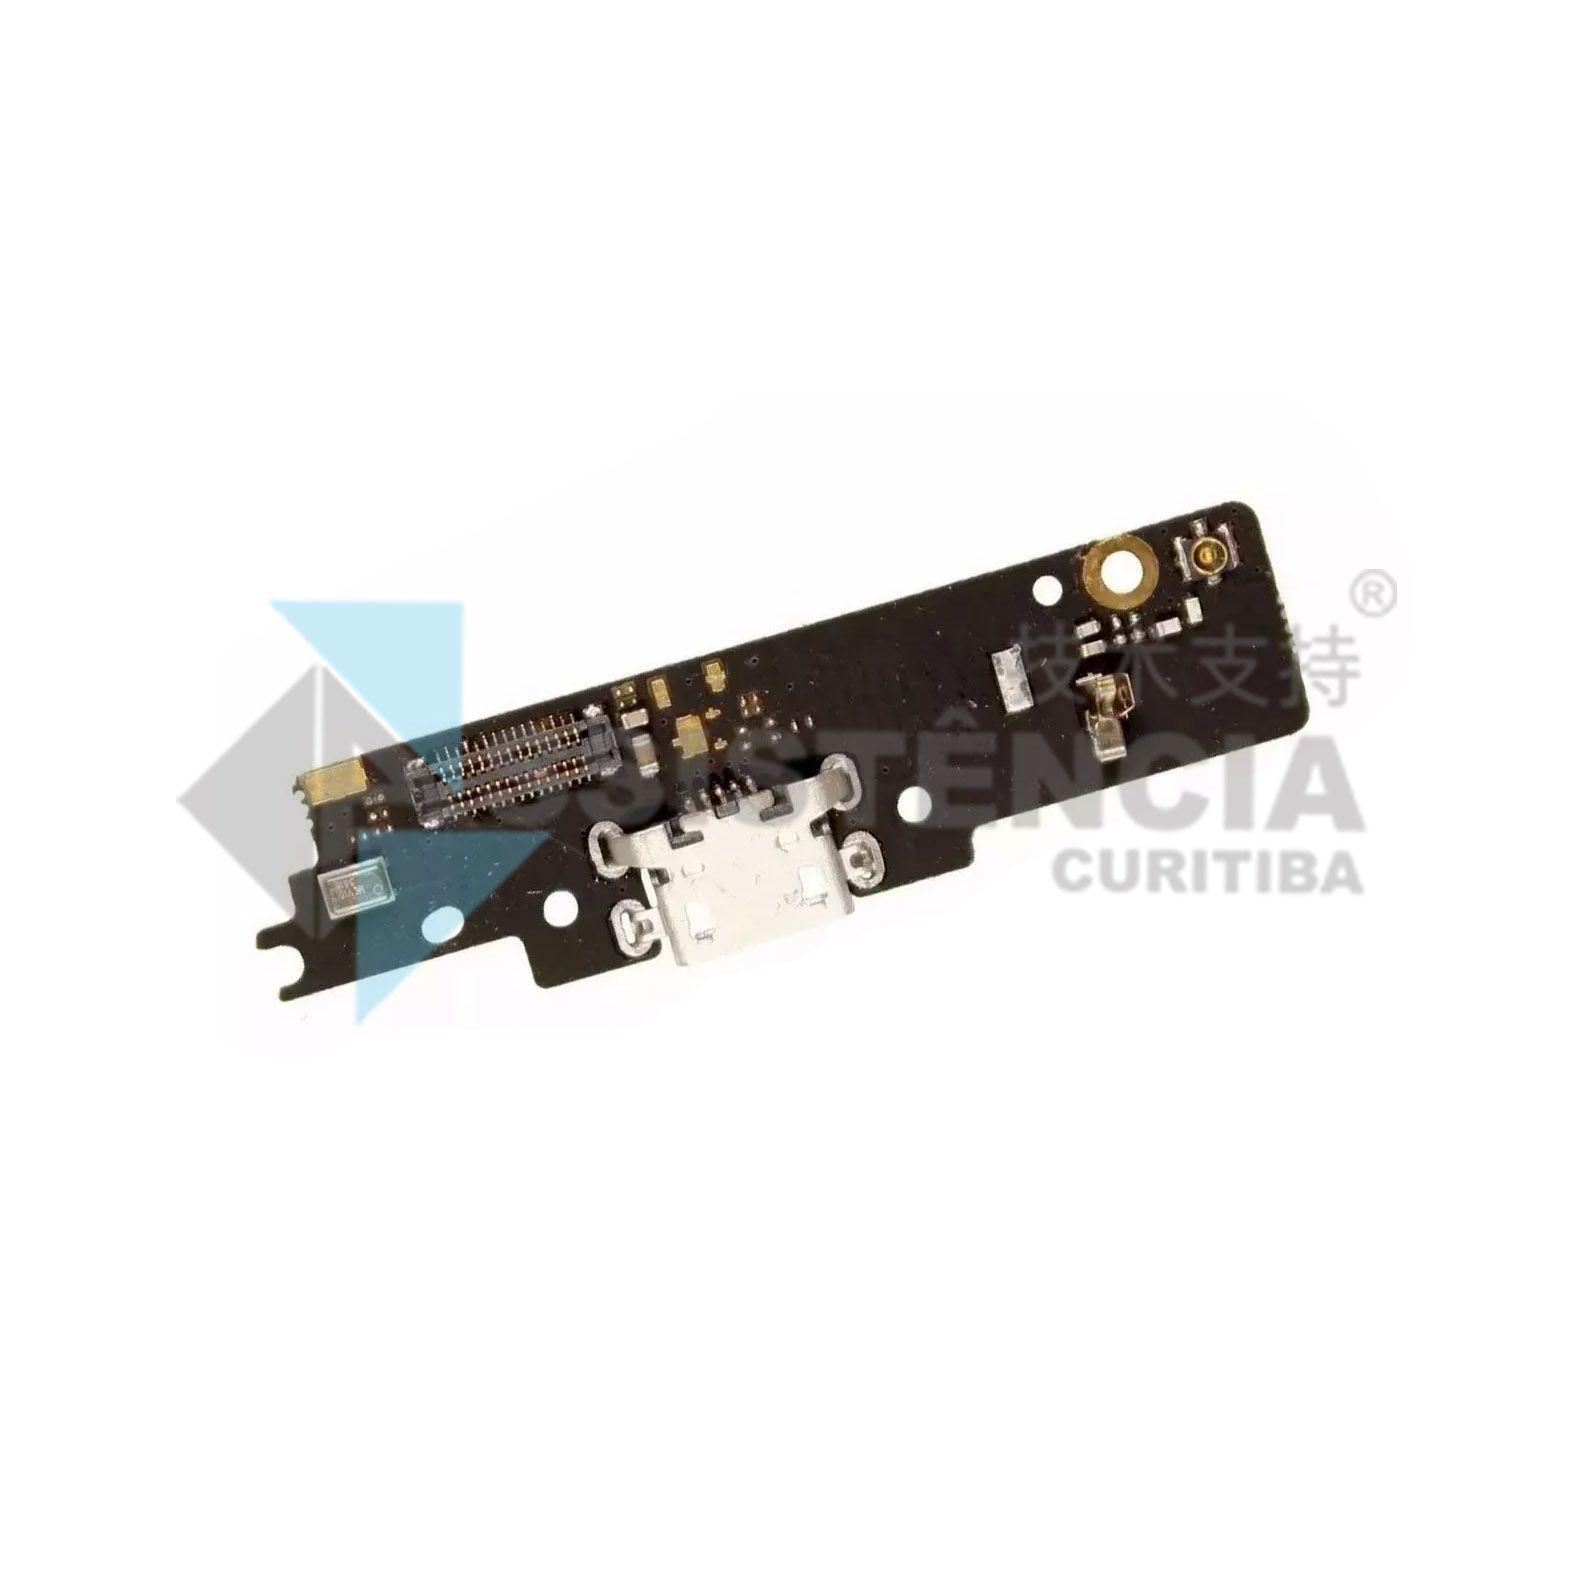 Flex Placa Conector De Carga Motorola Moto G4 Play Xt1600 Xt1601 Xt1603 Original